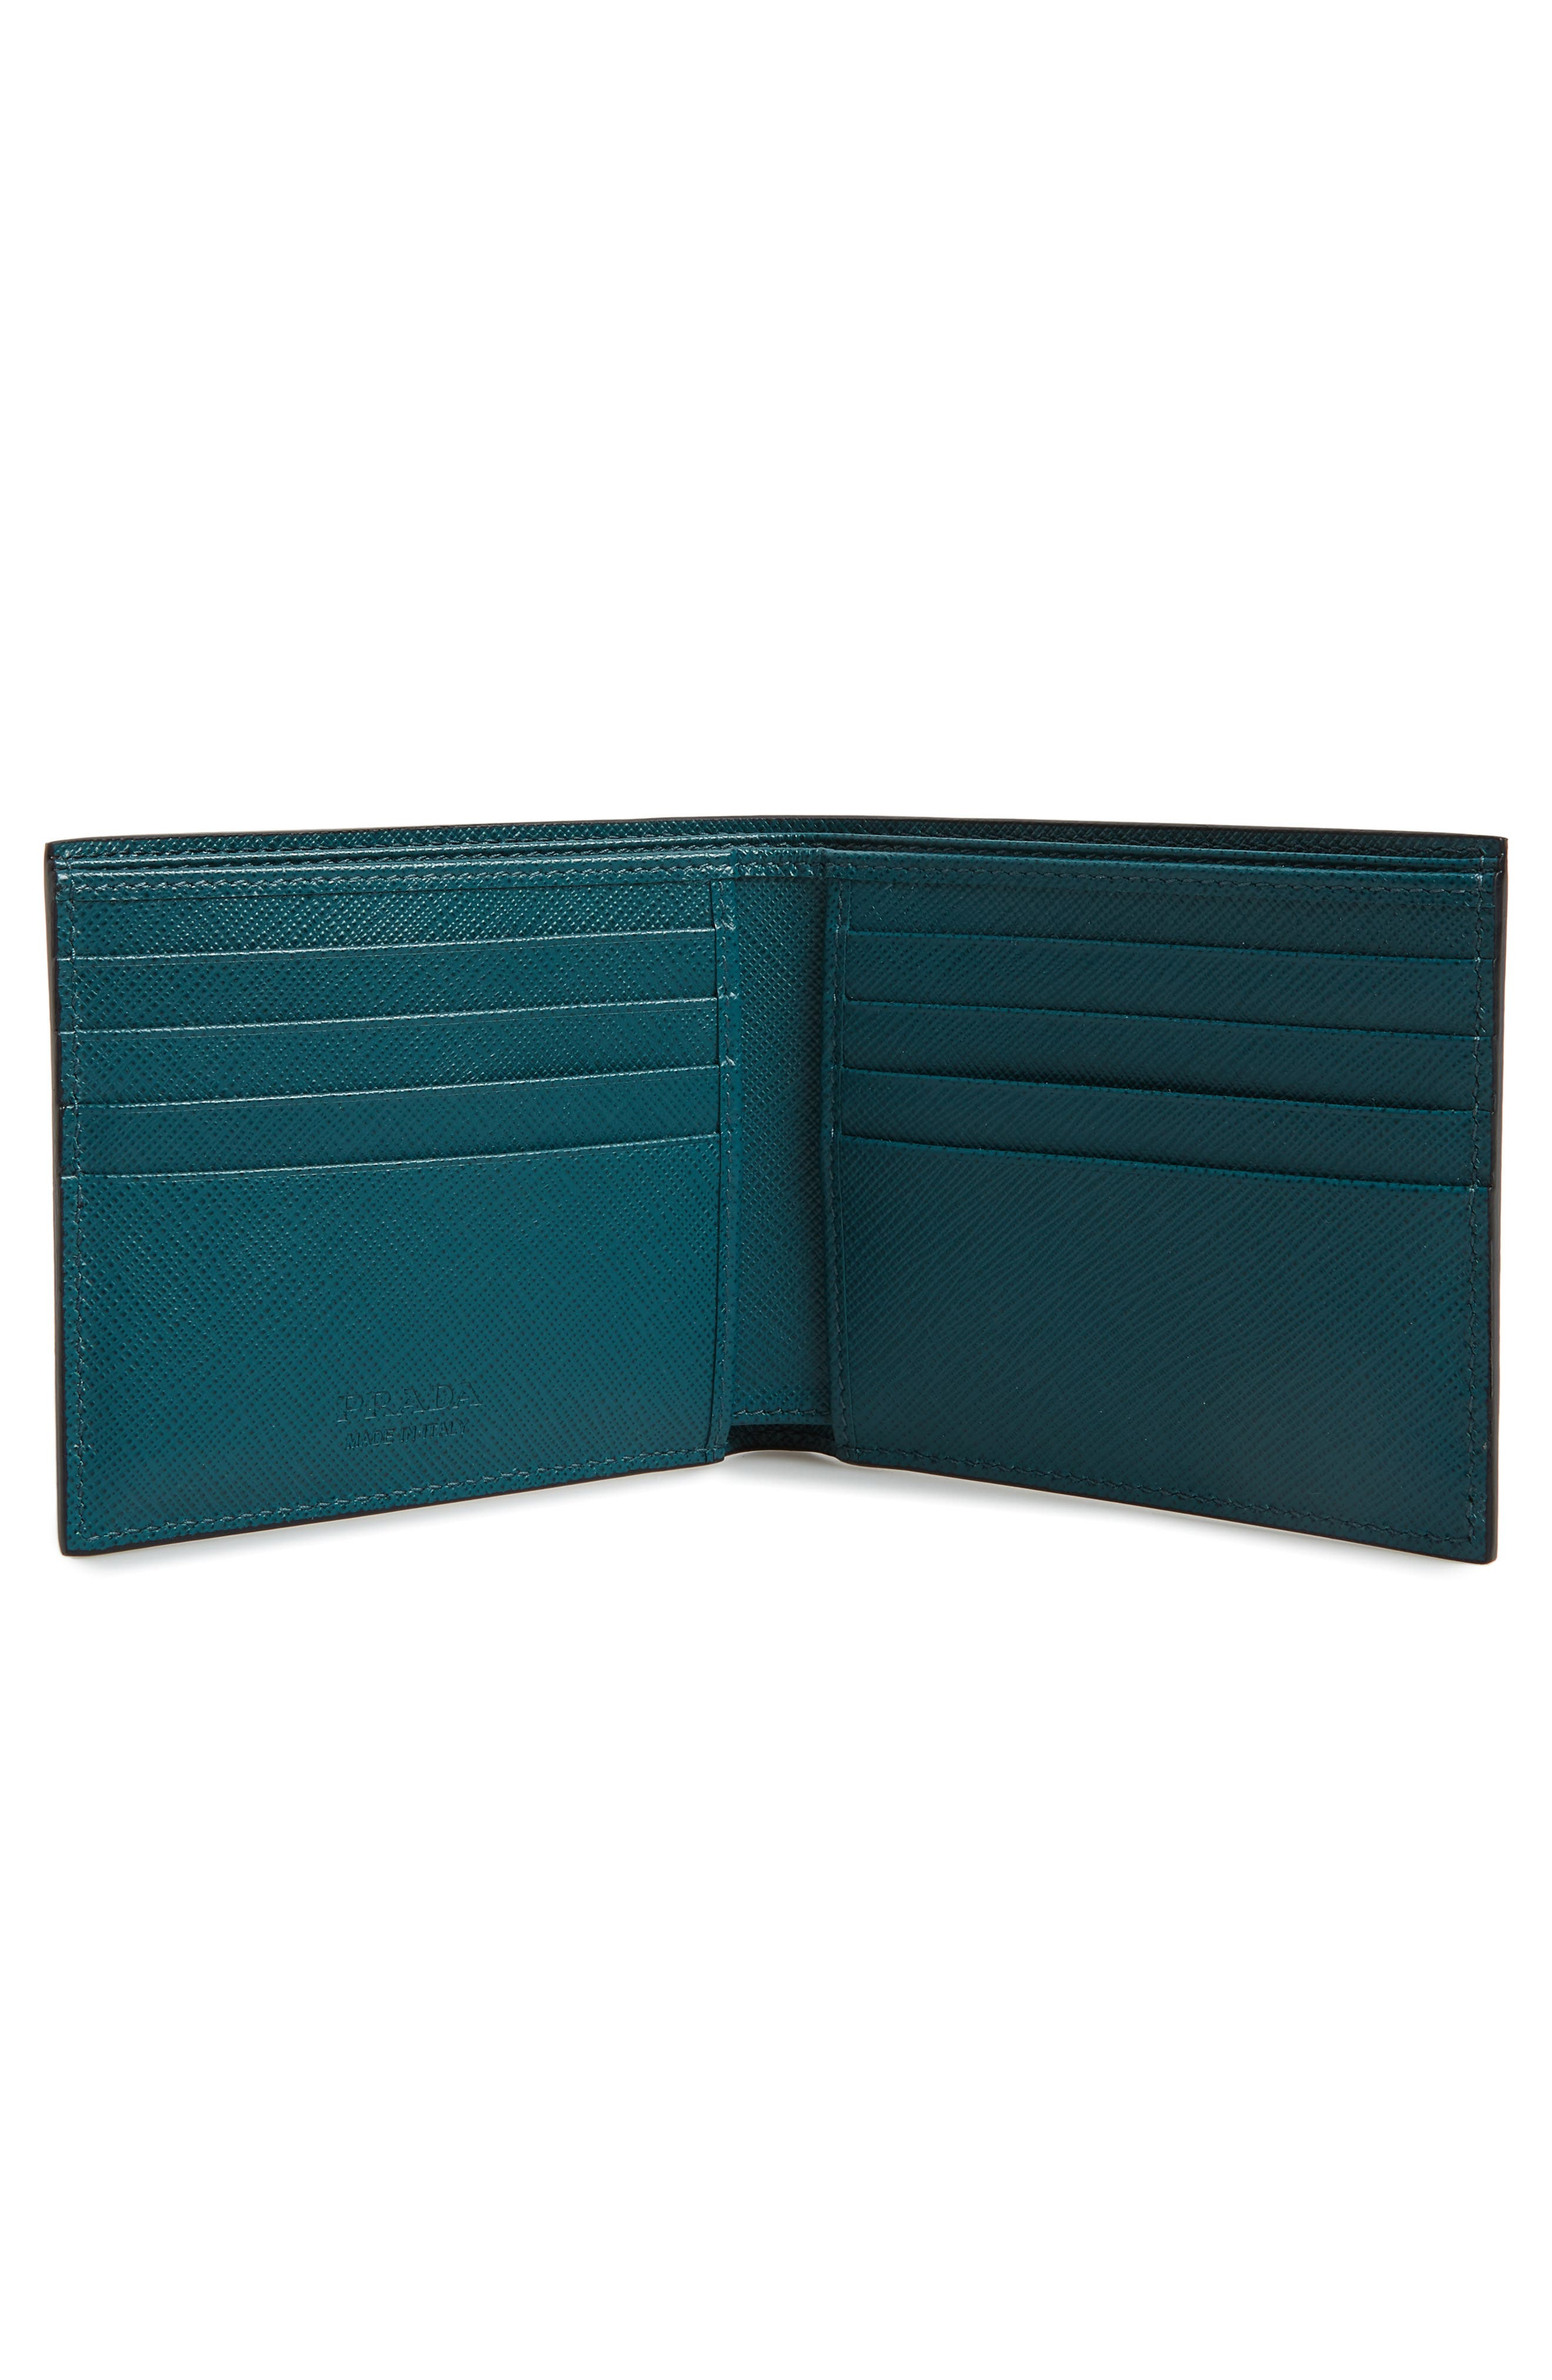 Bicolor Leather Wallet,                             Alternate thumbnail 2, color,                             BLUE